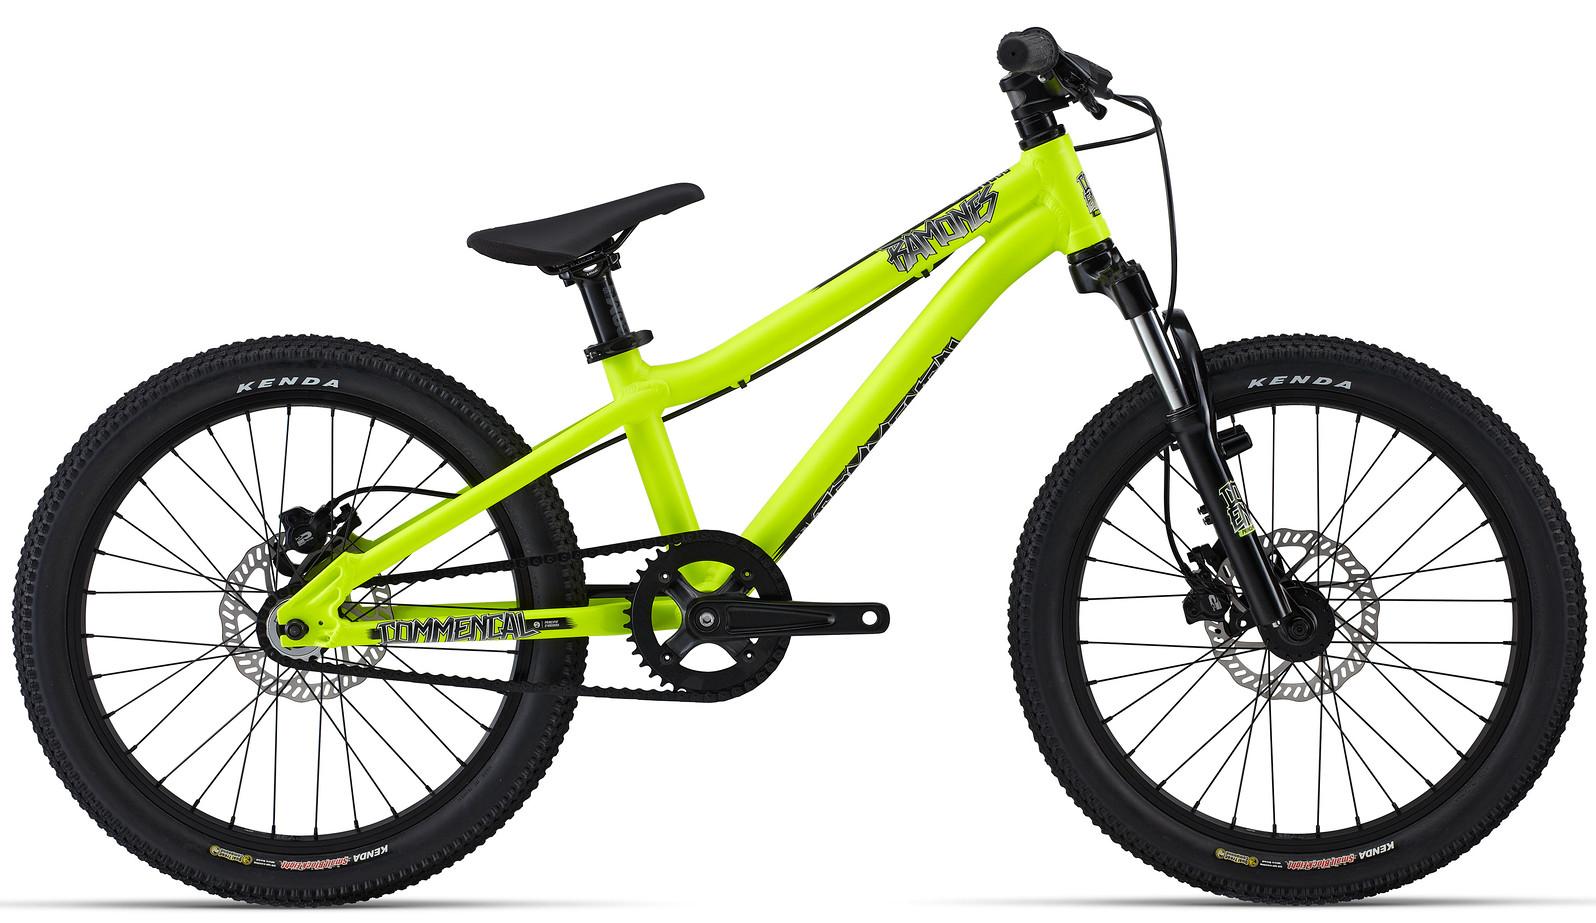 2014 Commencal Ramones 20 1 Bike 14RAMONES201